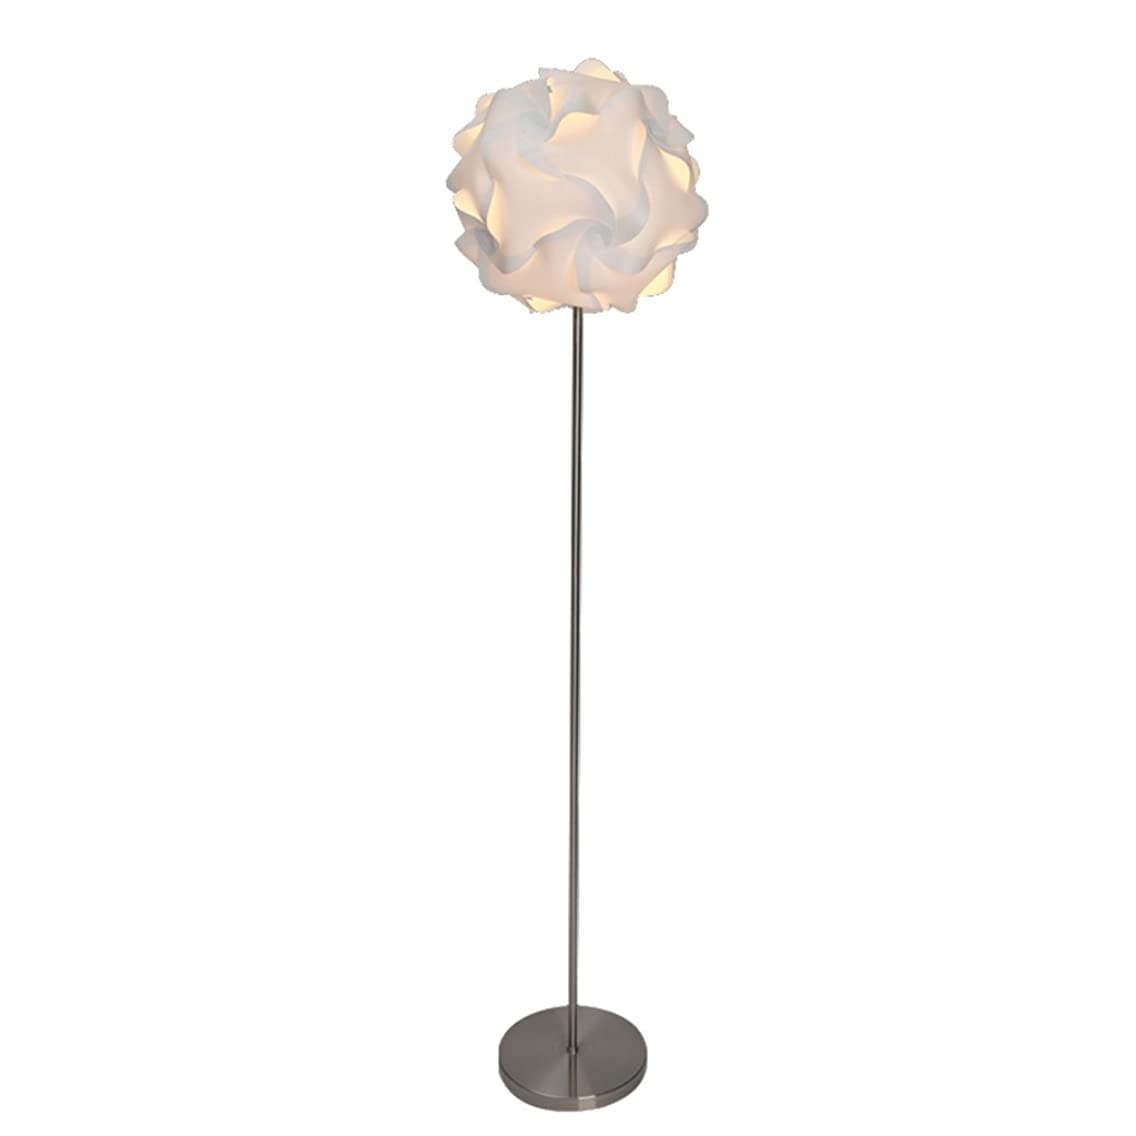 ウガンダ七時半秘書NN クリエイティブフロアランプベッドルームベッドサイドランプシンプルな近代的な垂直リビングルームリモートコントロールフロアランプ-155センチメートル 家の照明